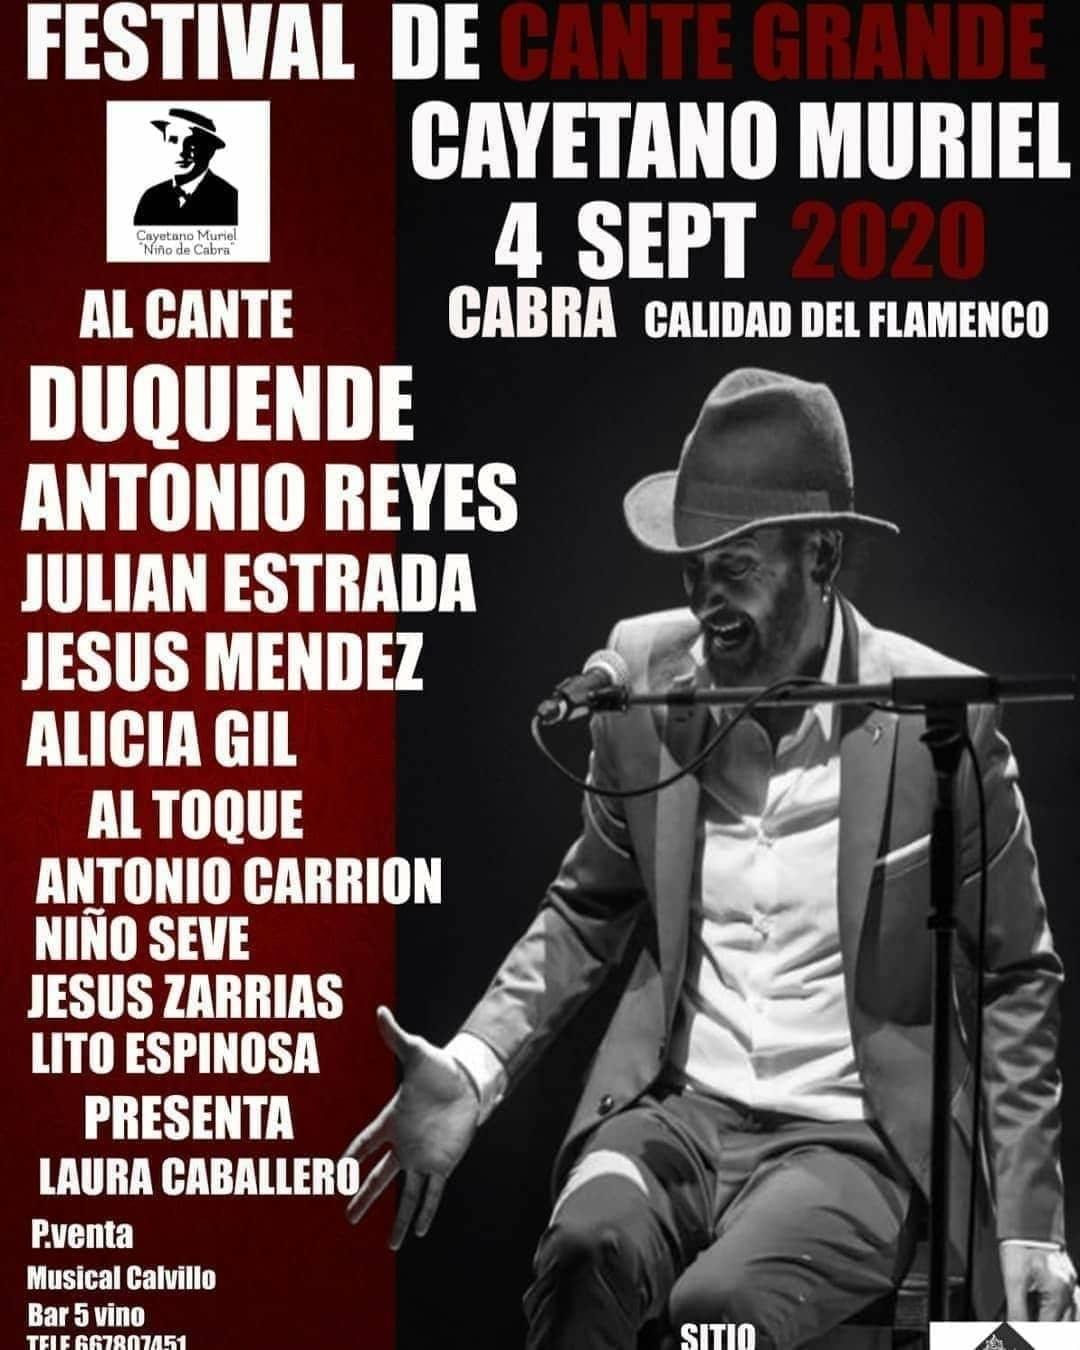 El Ayuntamiento de Cabra firma un convenio con la Peña Flamenca Cayetano Muriel 'Niño de Cabra' para el año 2020